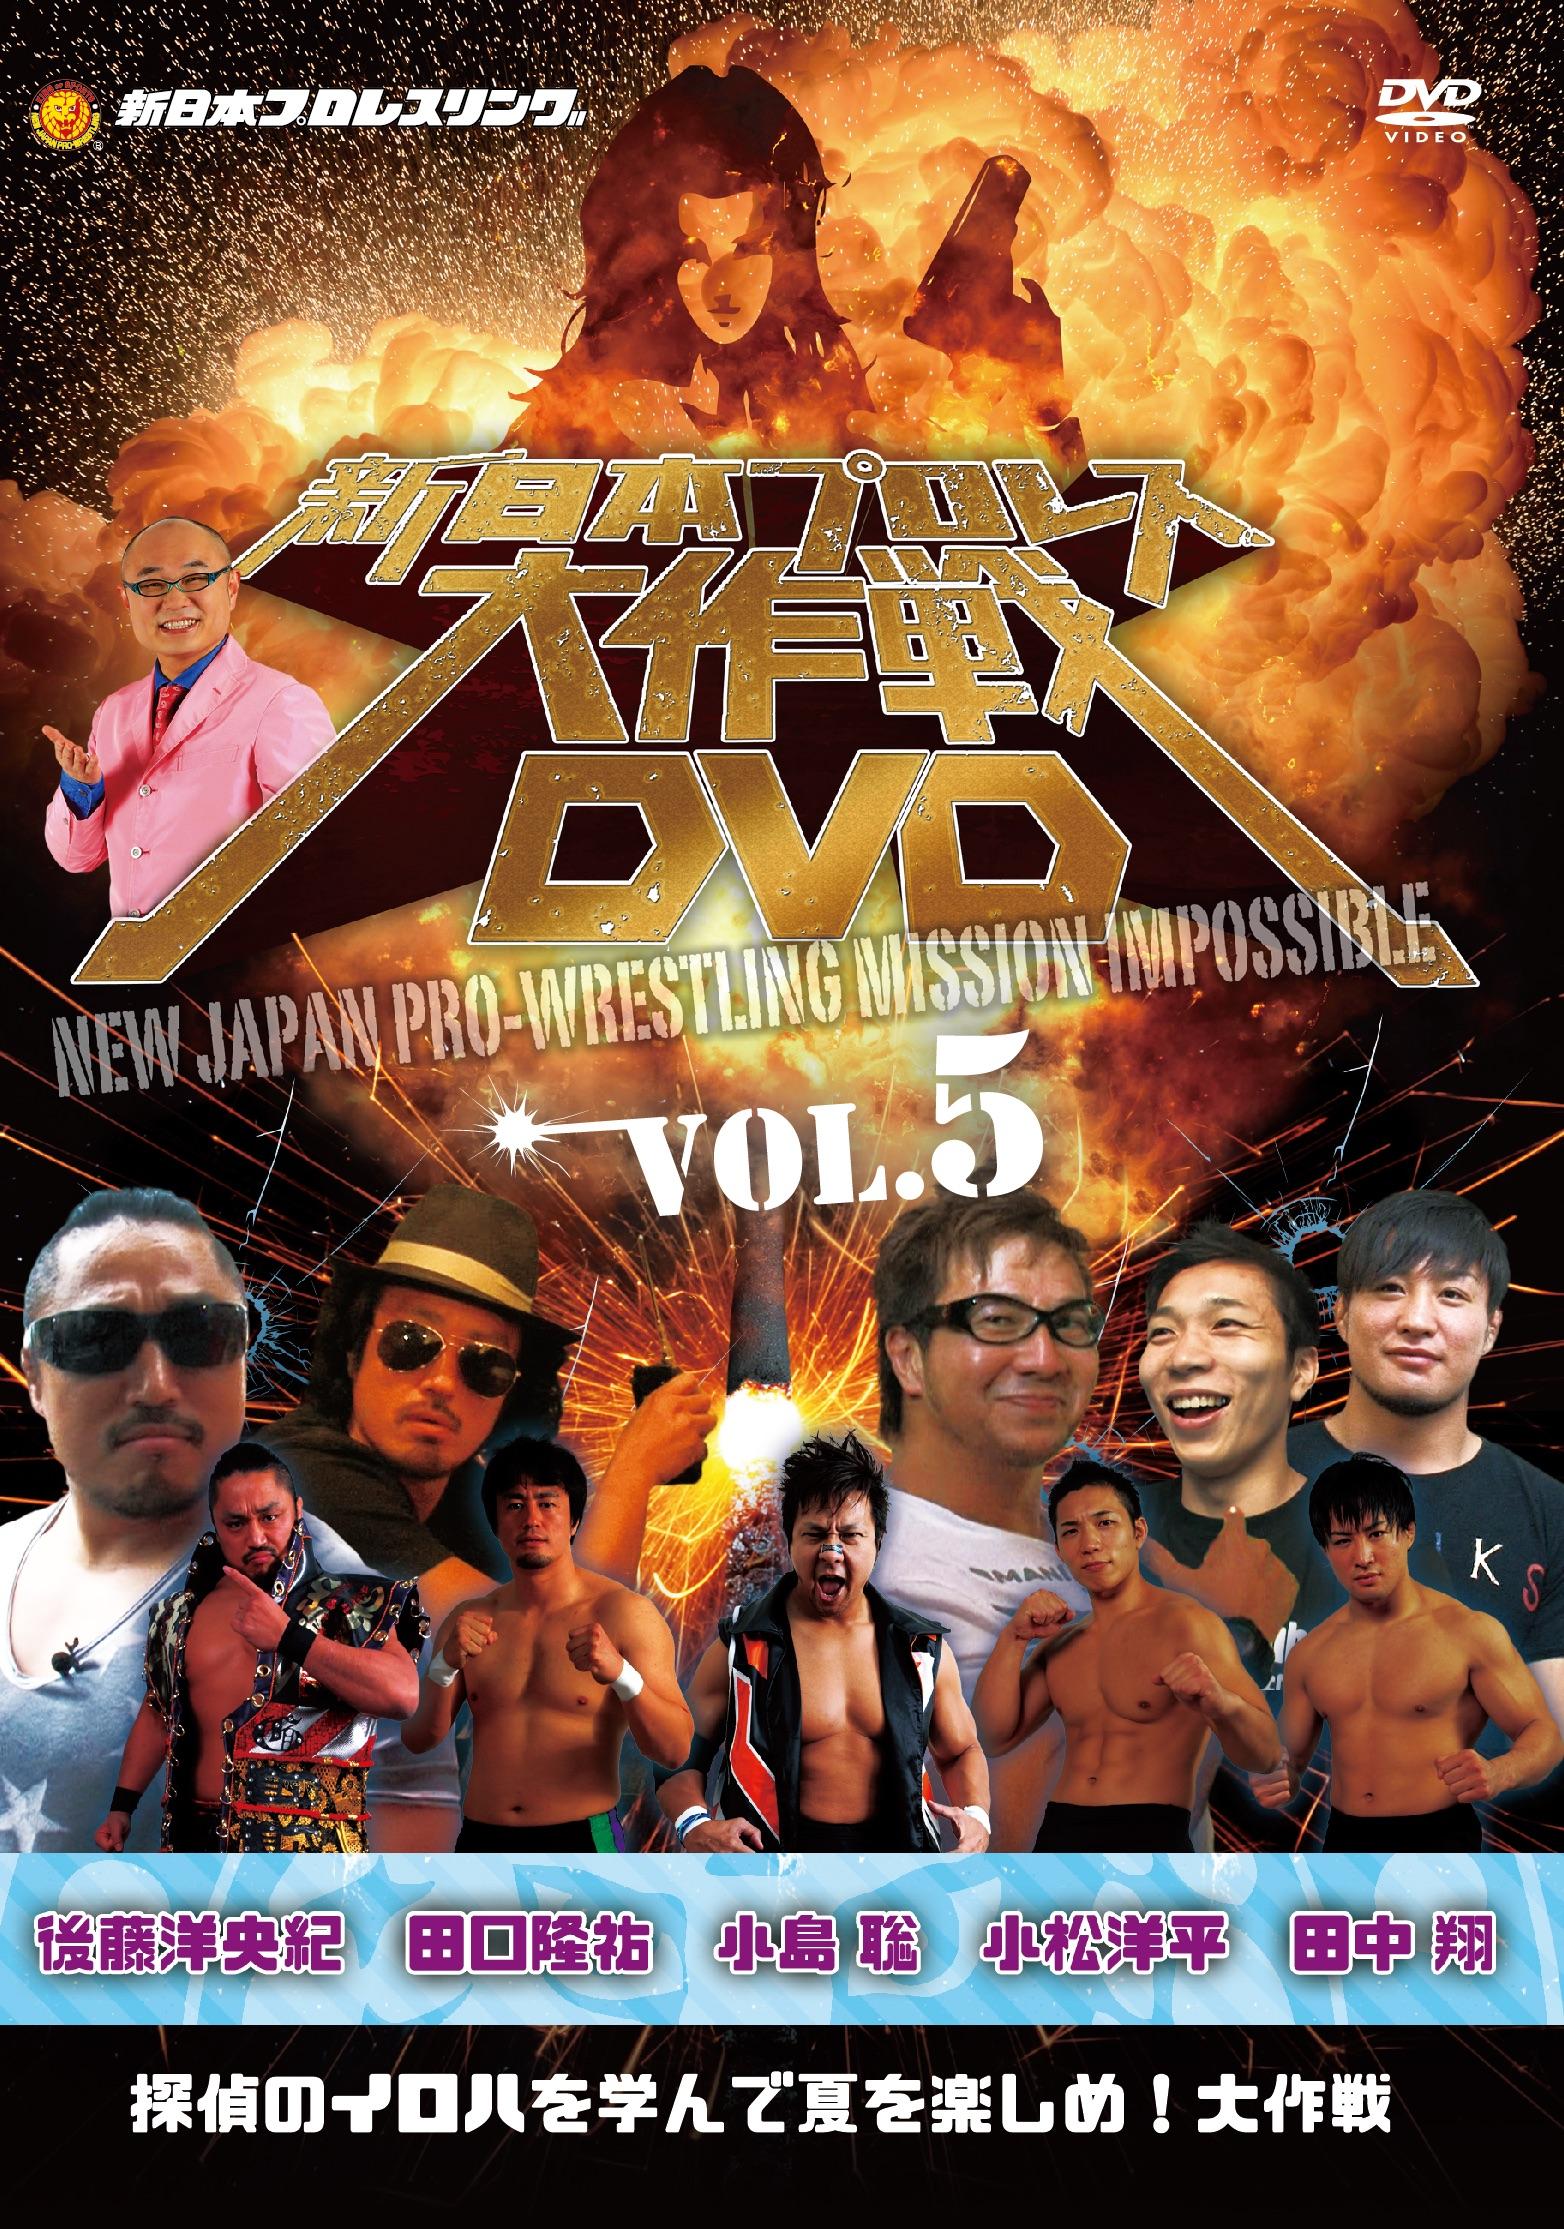 新日本プロレス大作戦 Vol.5